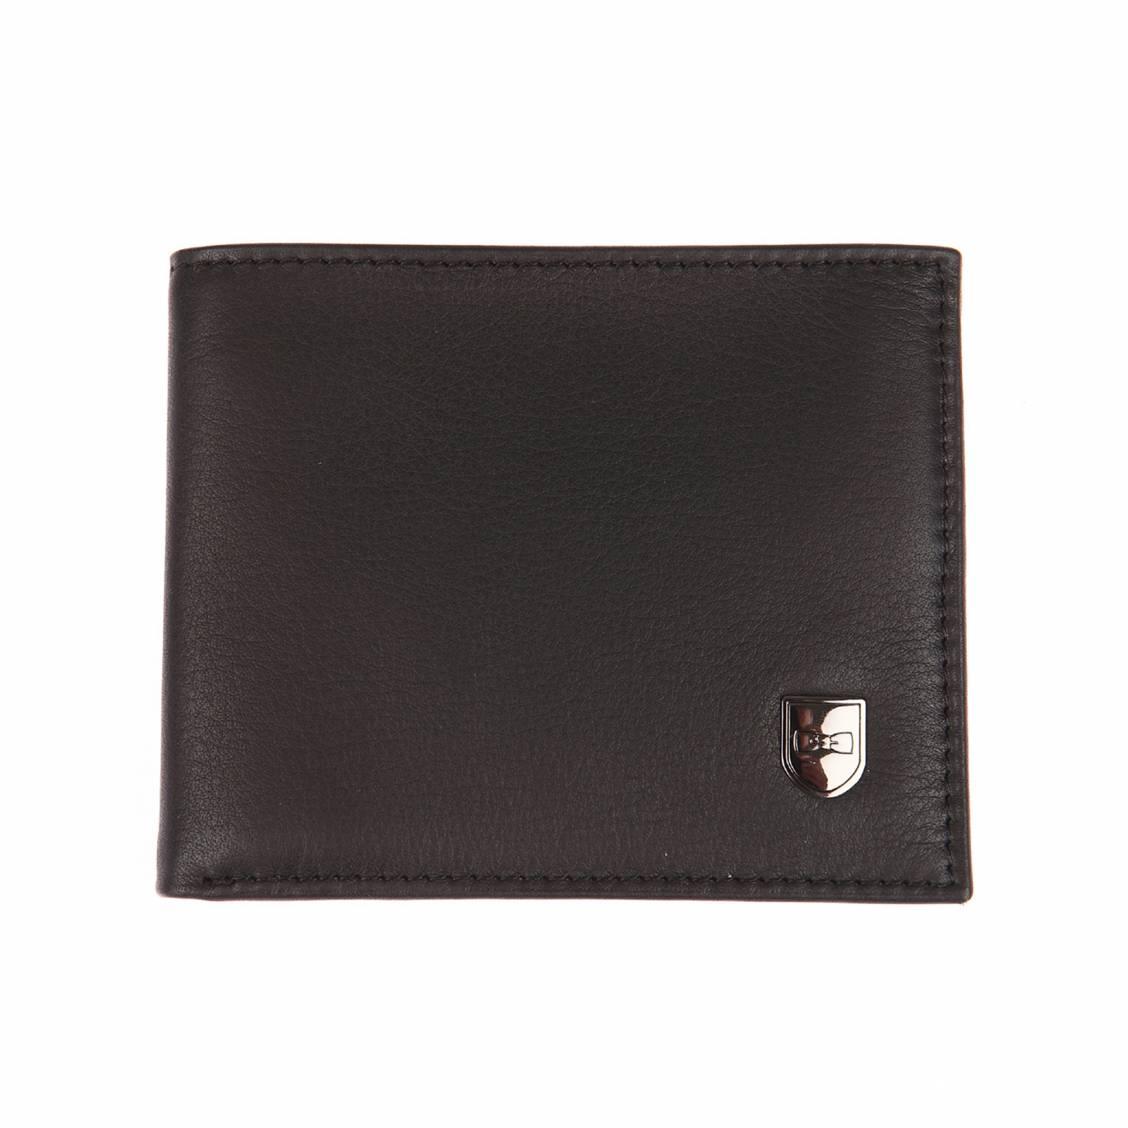 Portefeuille italien 2 volets  en cuir lisse noir